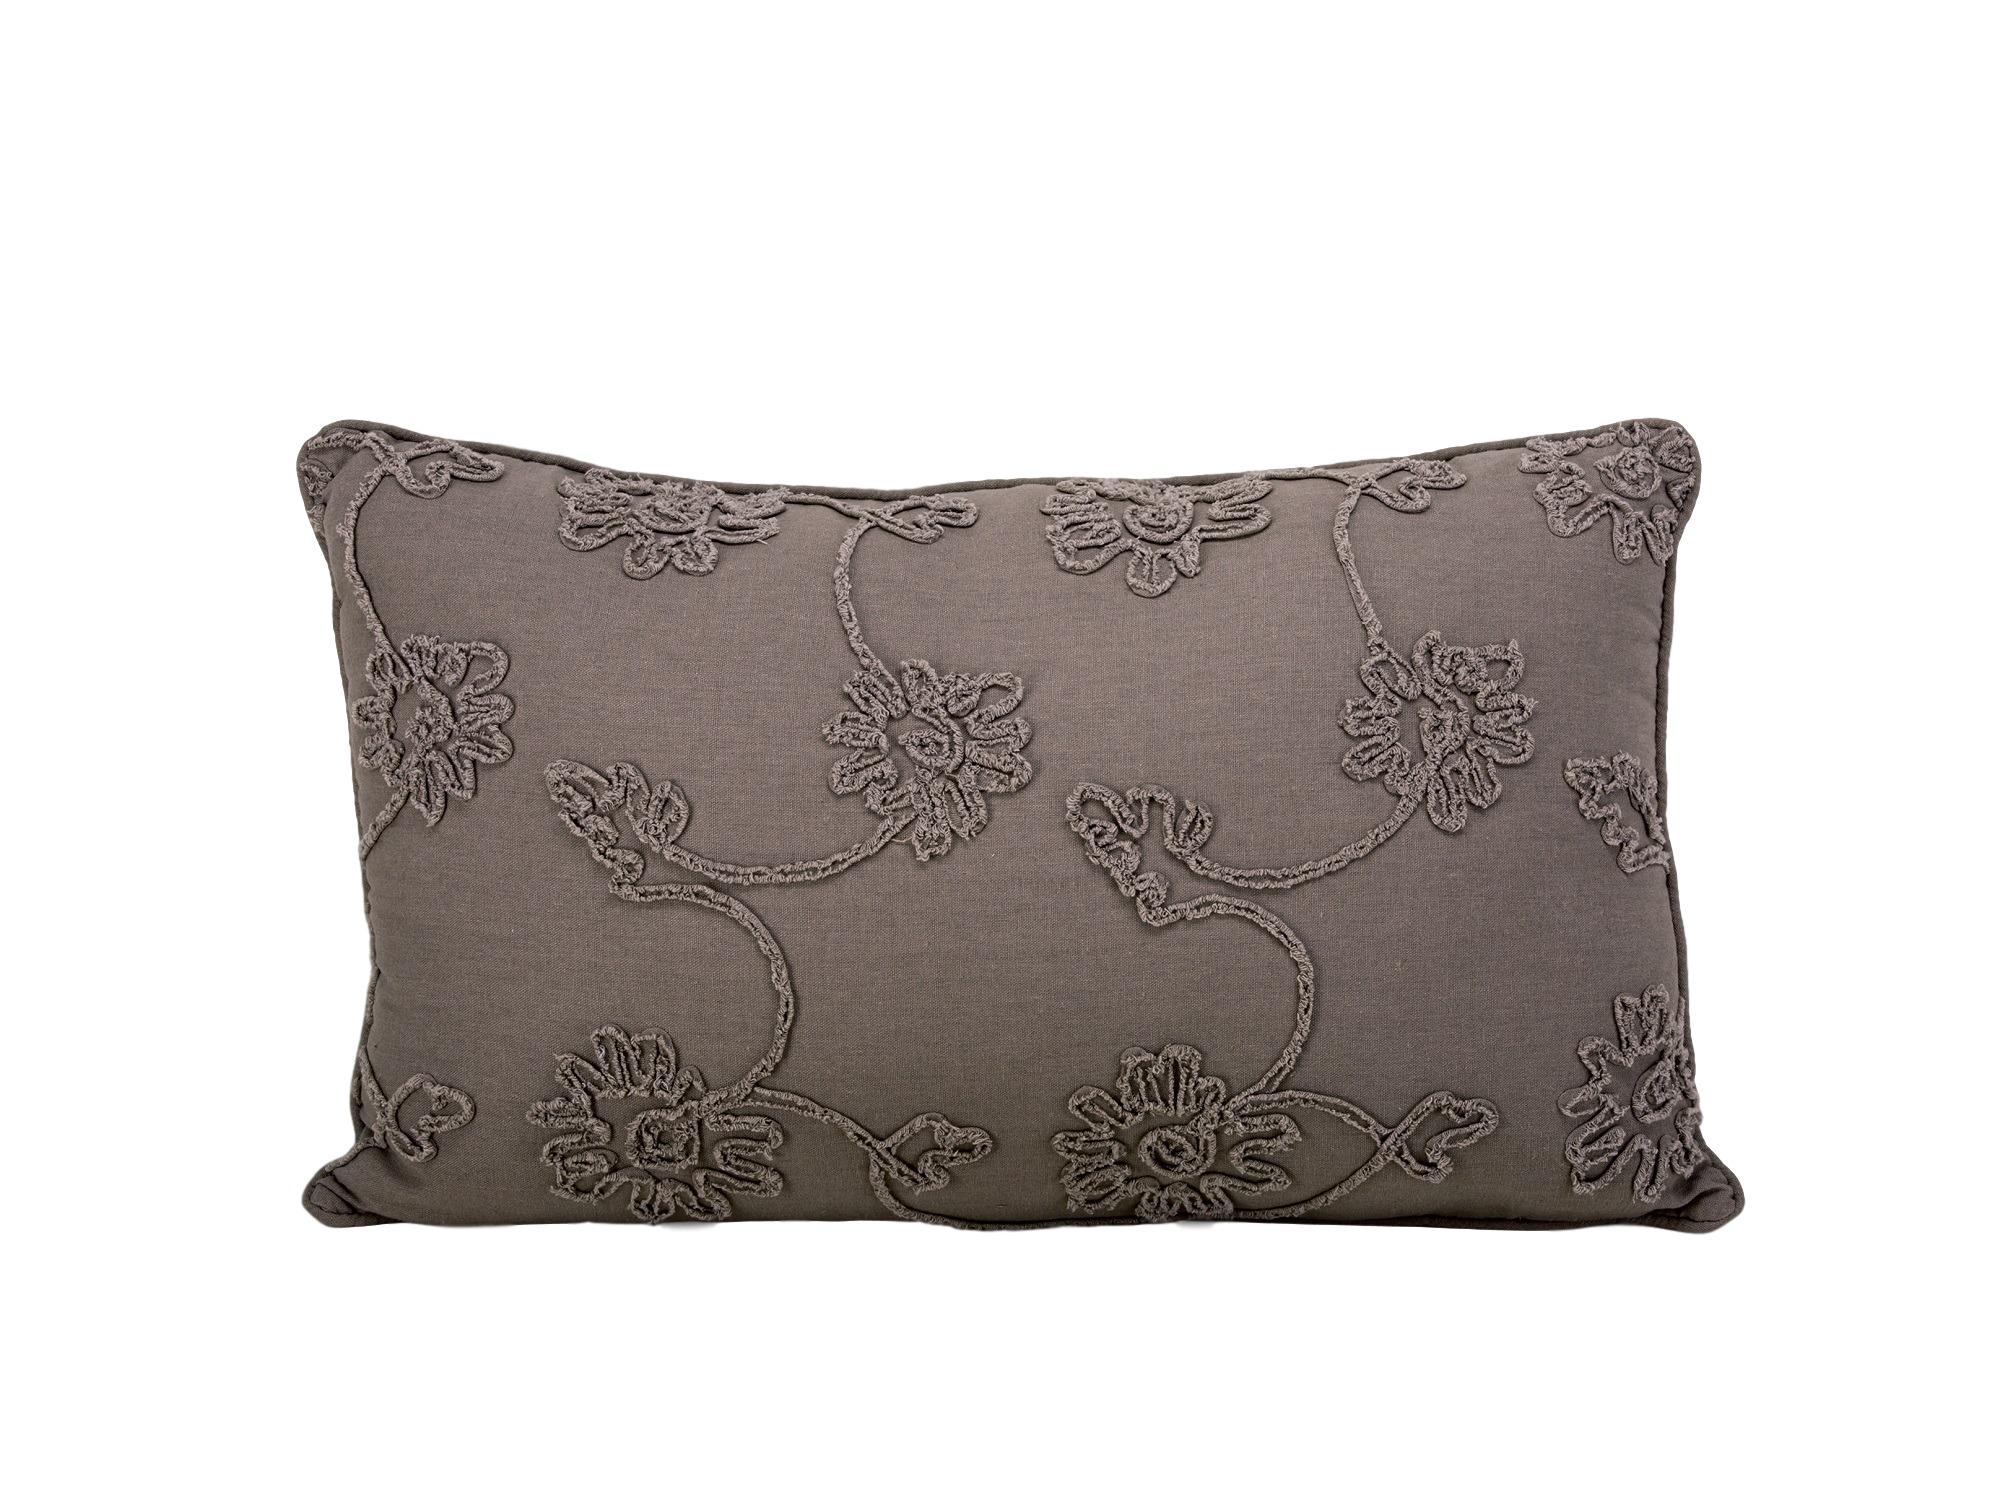 ПодушкаПрямоугольные подушки<br>Прямоугольная декоративная подушка серого цвета.<br><br>Material: Текстиль<br>Width см: 64<br>Depth см: 10<br>Height см: 39